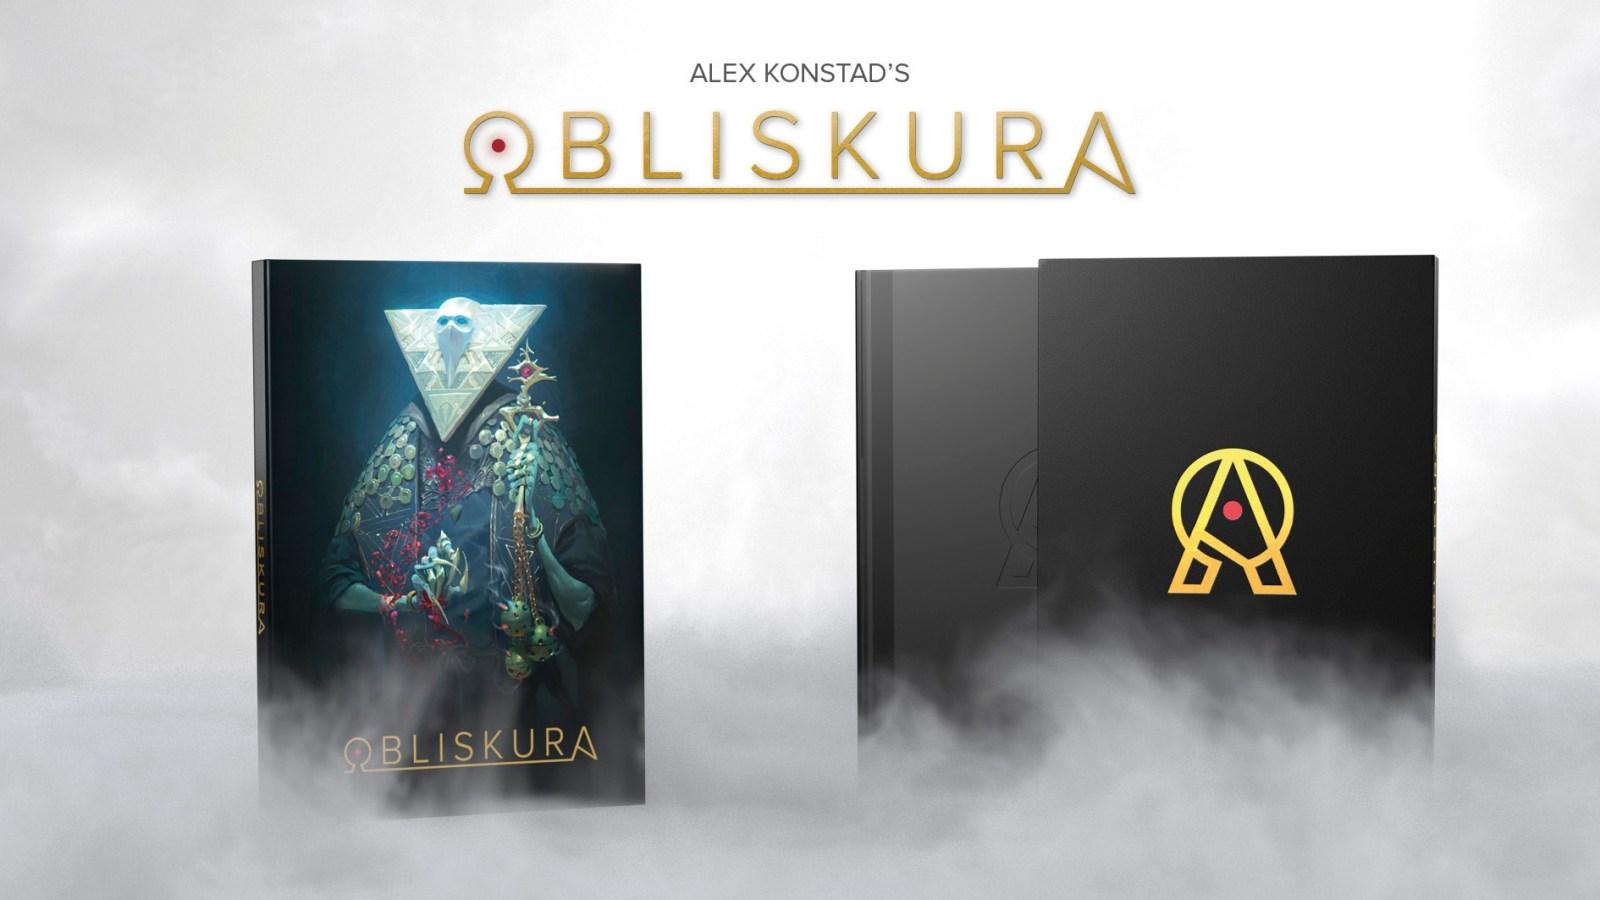 Bandeau de présentation pour l'artbook Obliskura d'Alex Konstad.